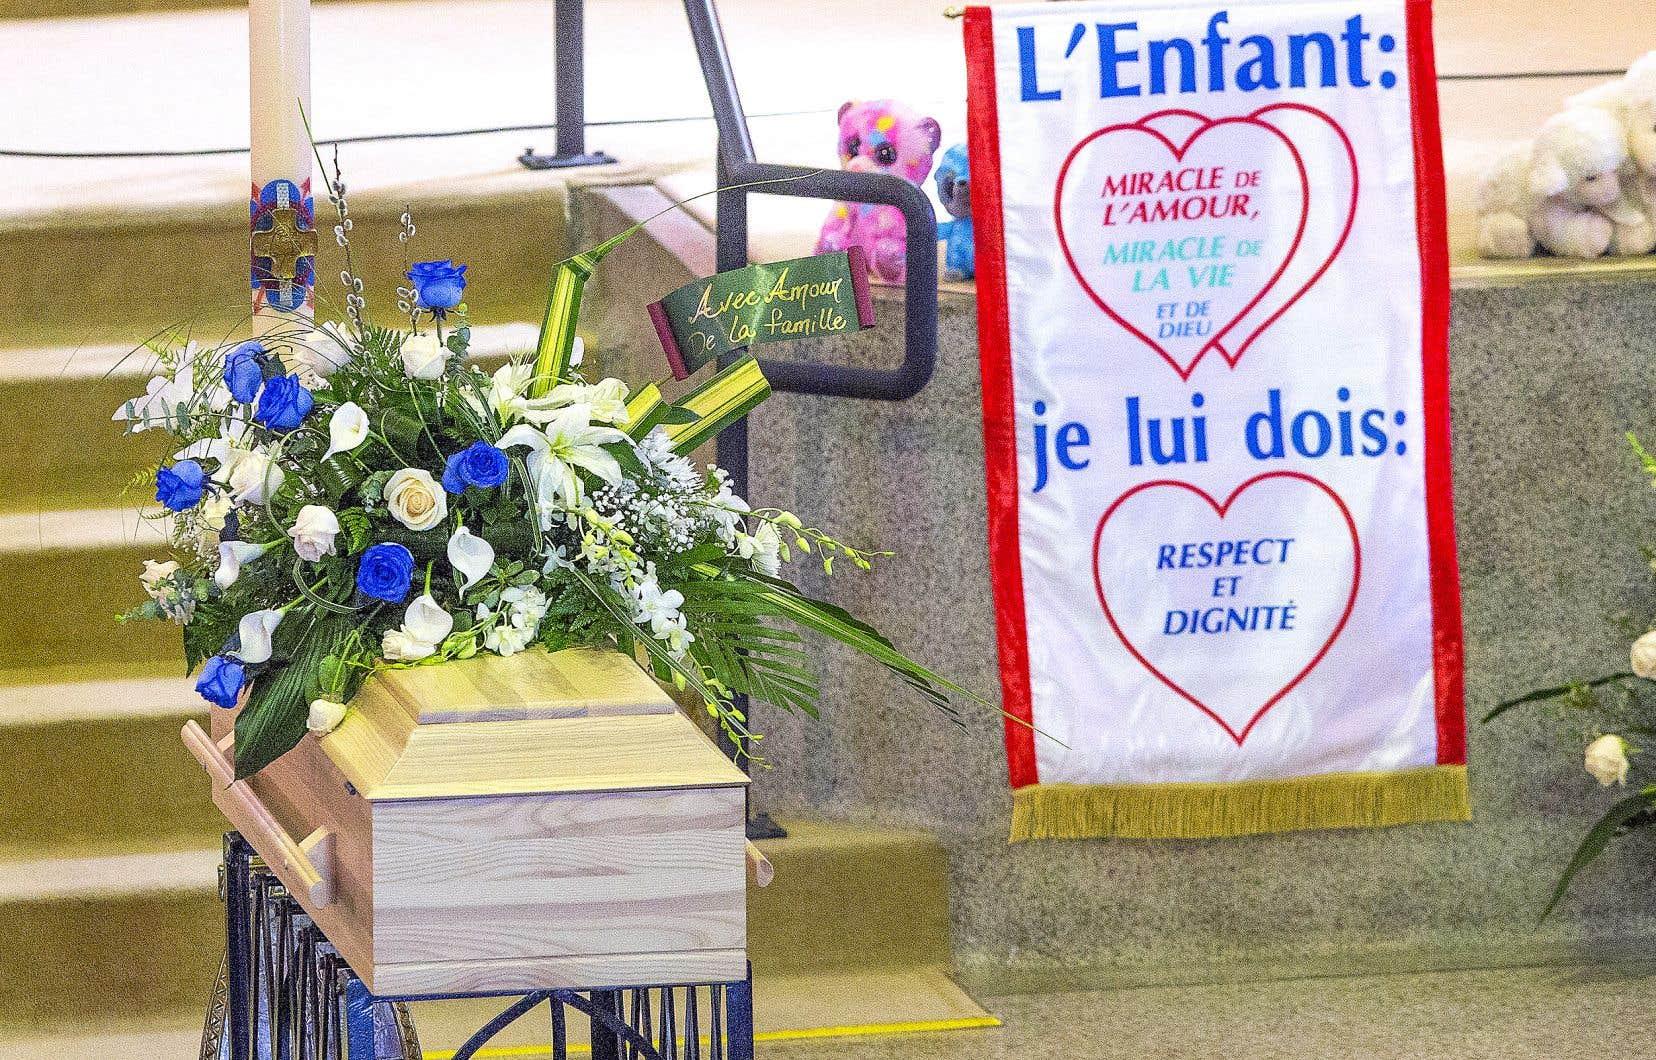 La mort de la fillette au lendemain de sa découverte dans des circonstances extrêmement troublantes à son domicile familial avait bouleversé le Québec au printemps 2019.